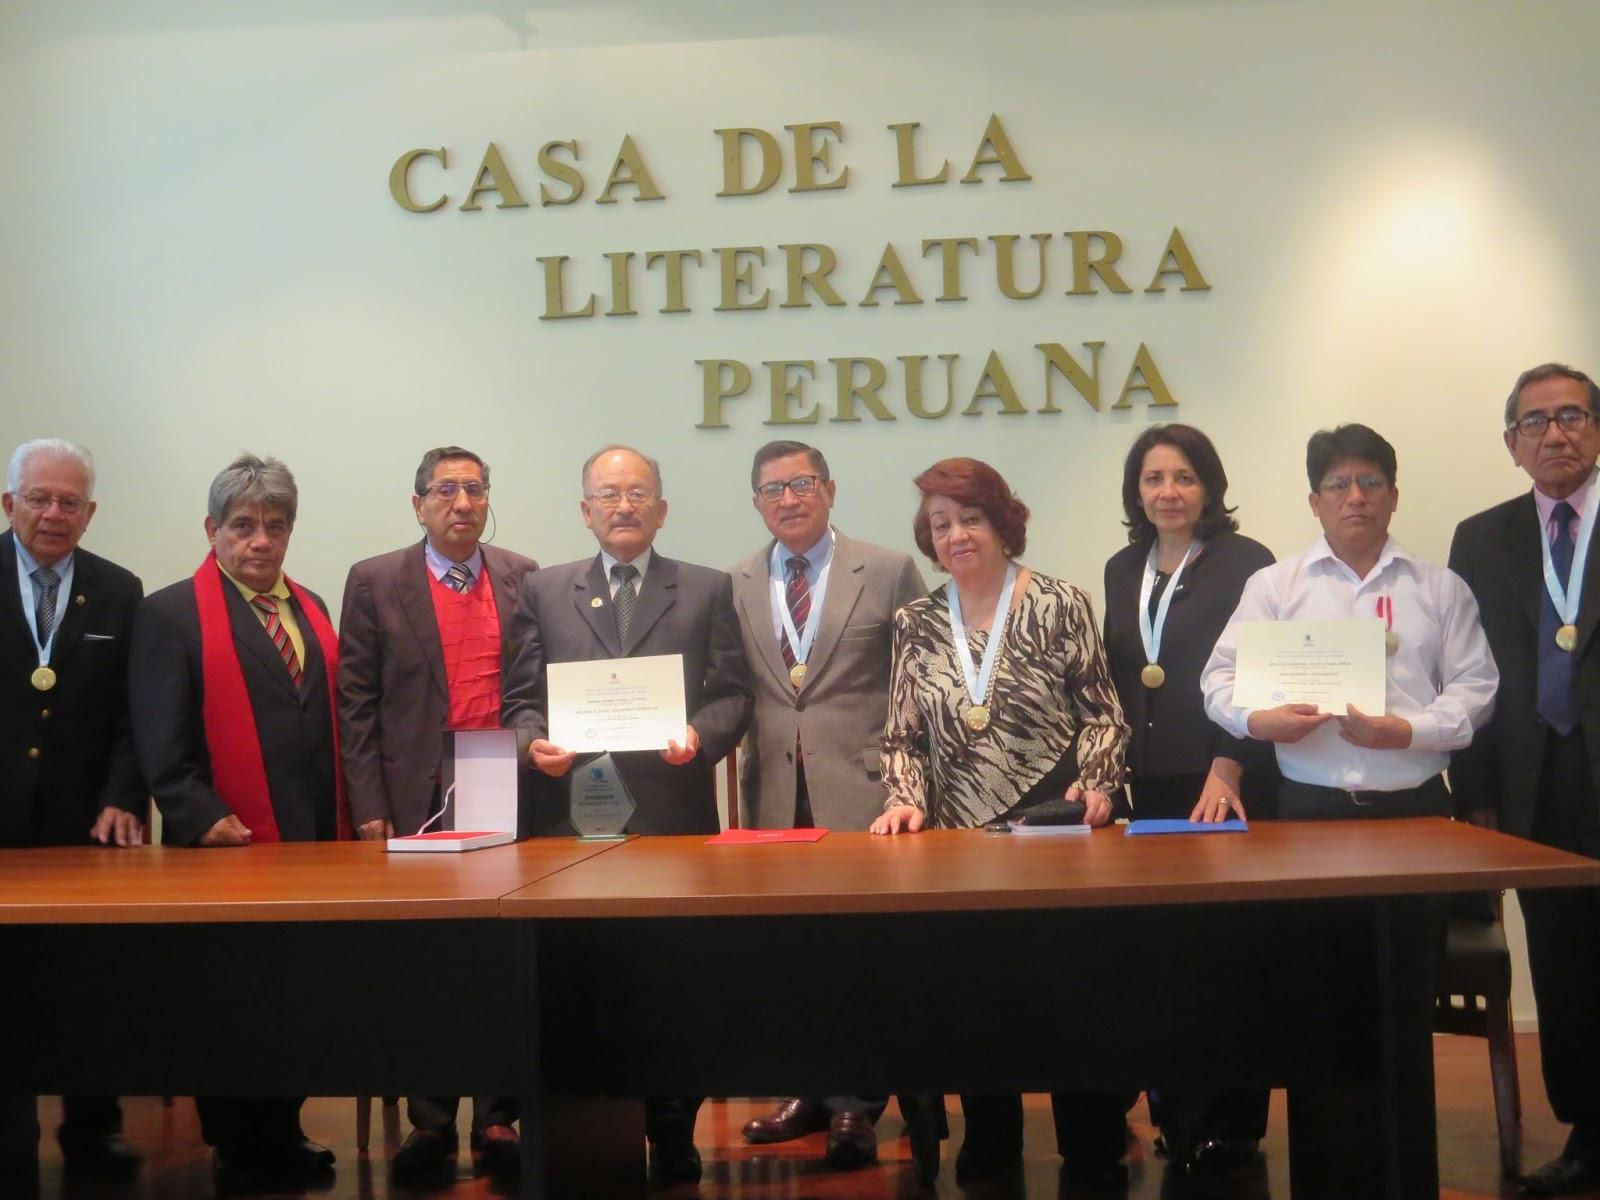 Publicado por academia peruana de literatura infantil y juvenil en 15 44 no hay comentarios